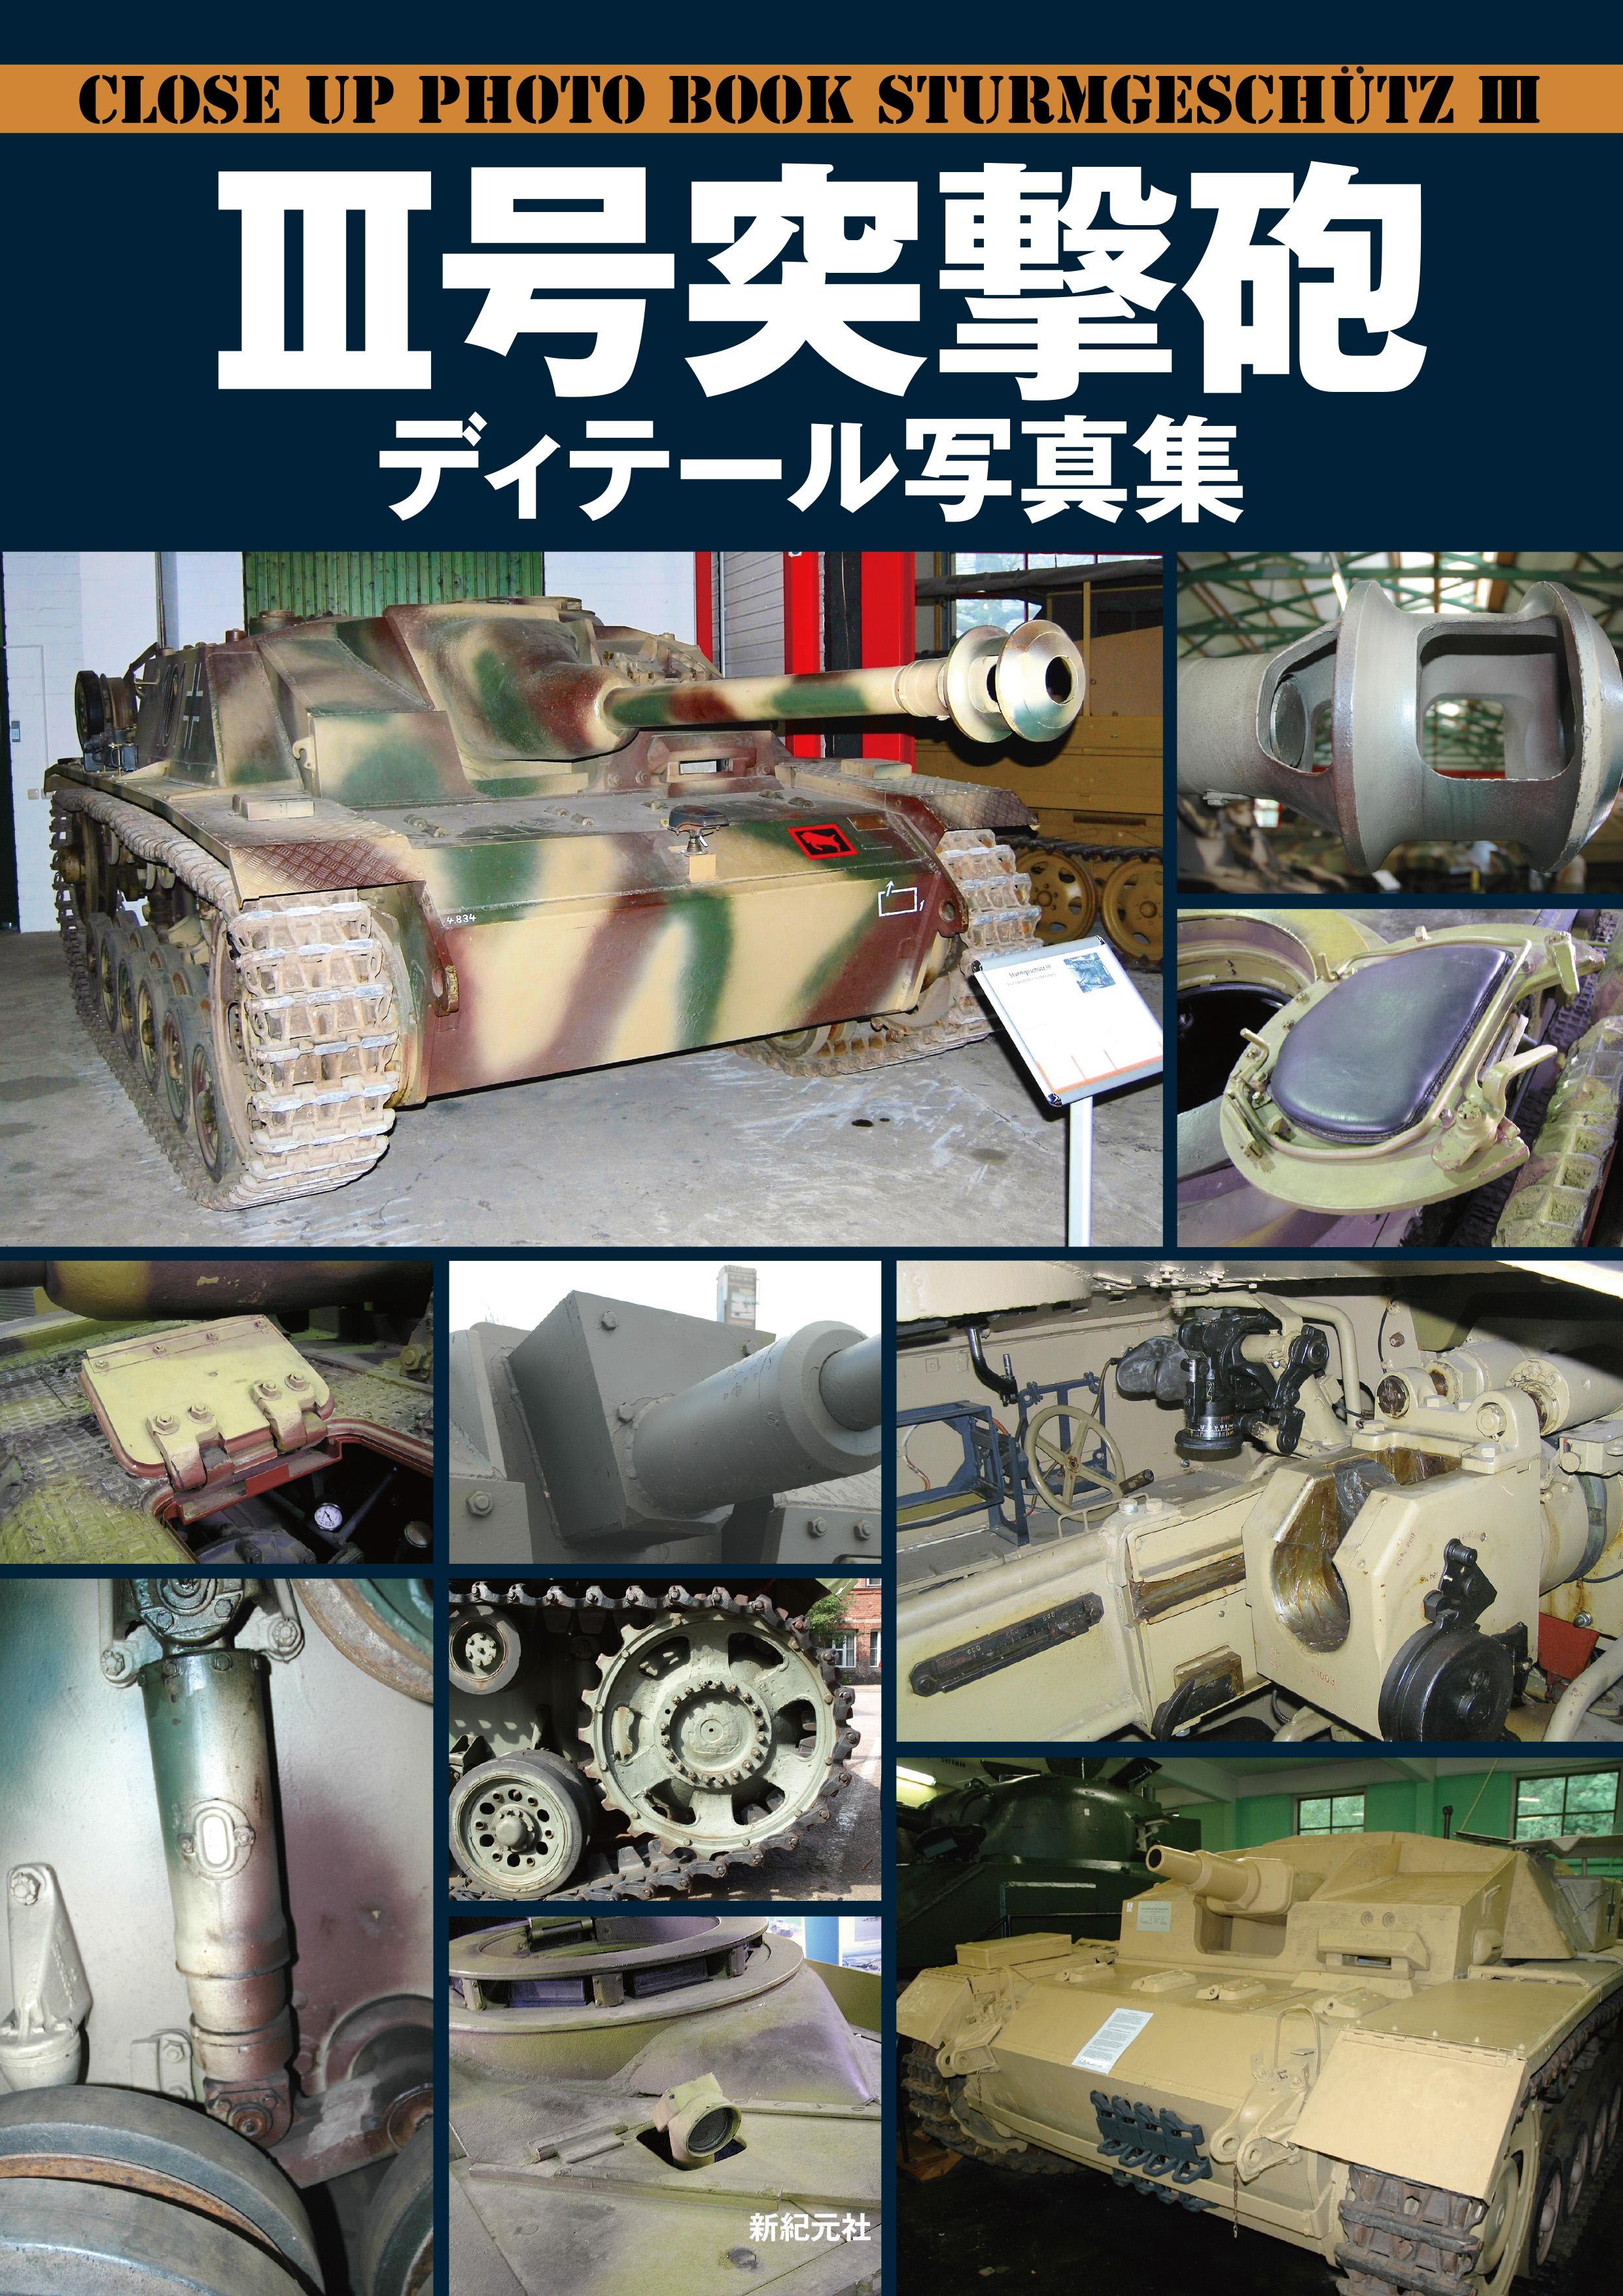 III号突撃砲 ディテール写真集